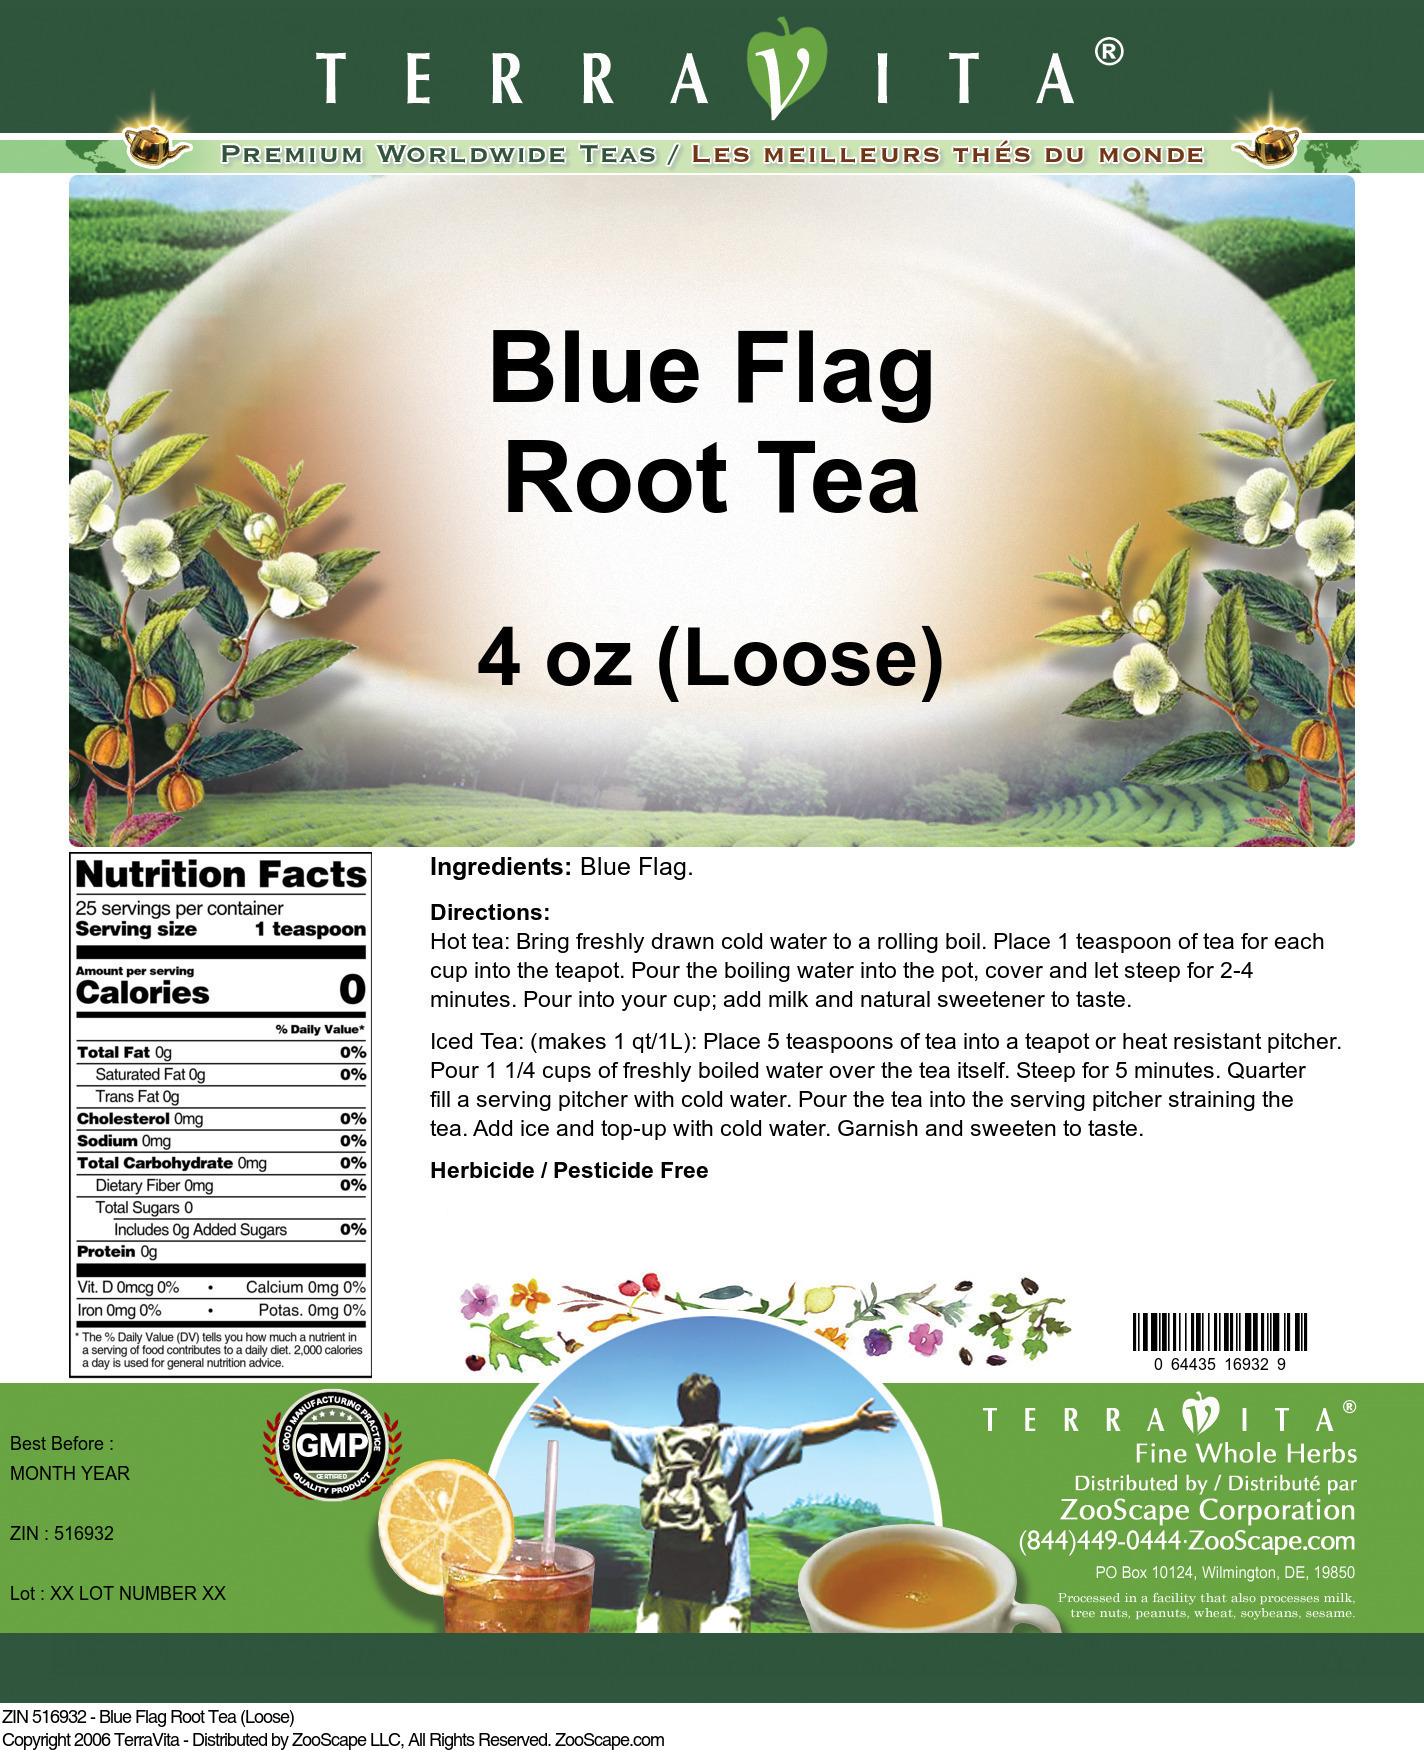 Blue Flag Root Tea (Loose)